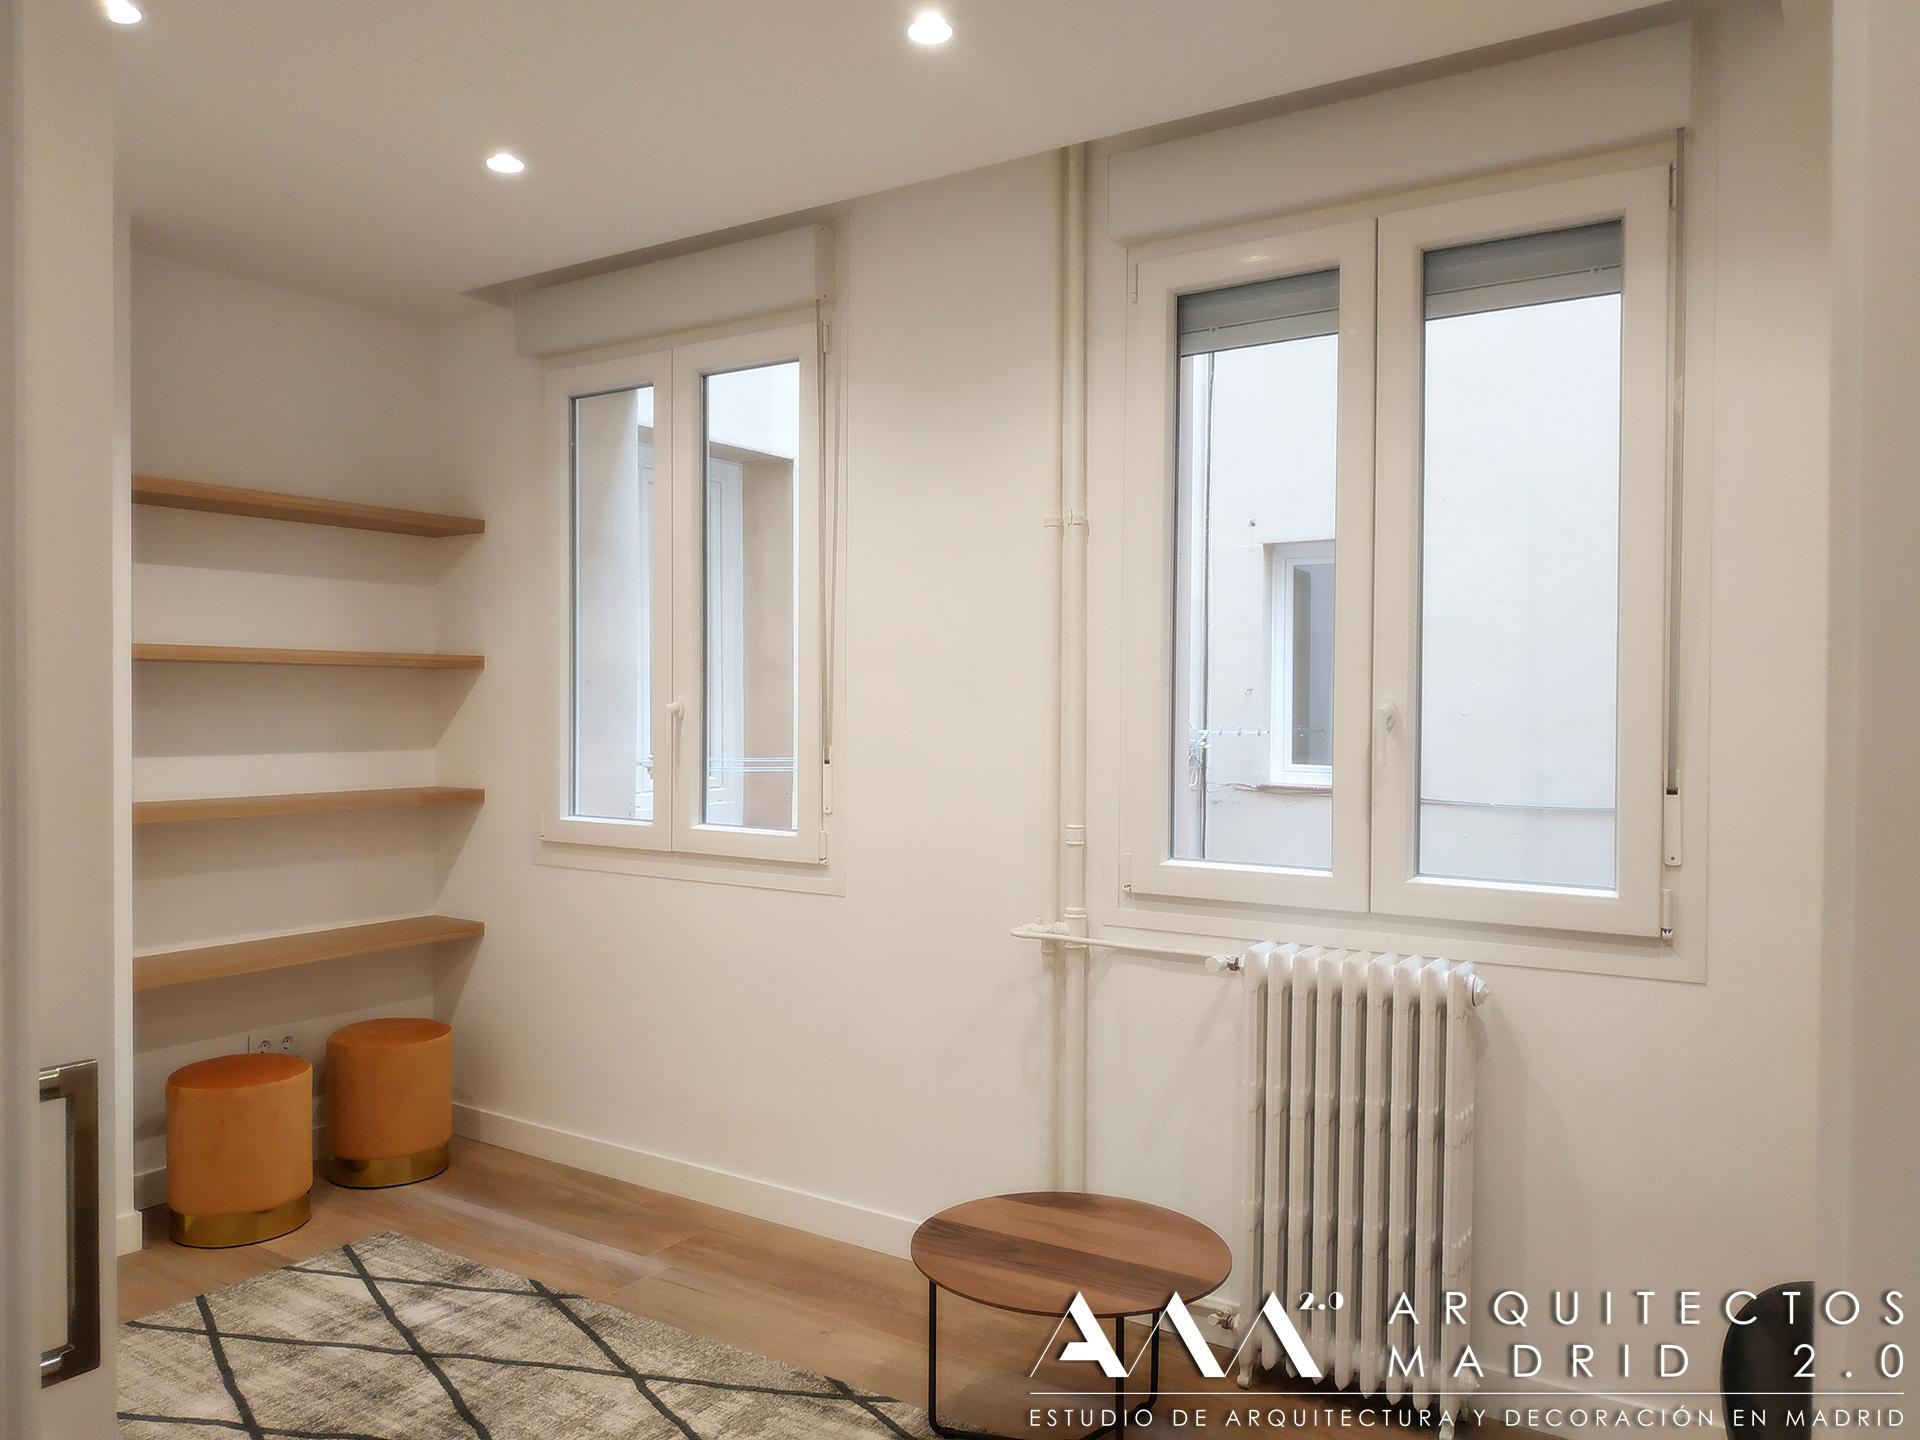 proyecto-reforma-integral-vivienda-arquitectos-madrid-ideas-decoracion-salon-cocina-home-interior-design-41